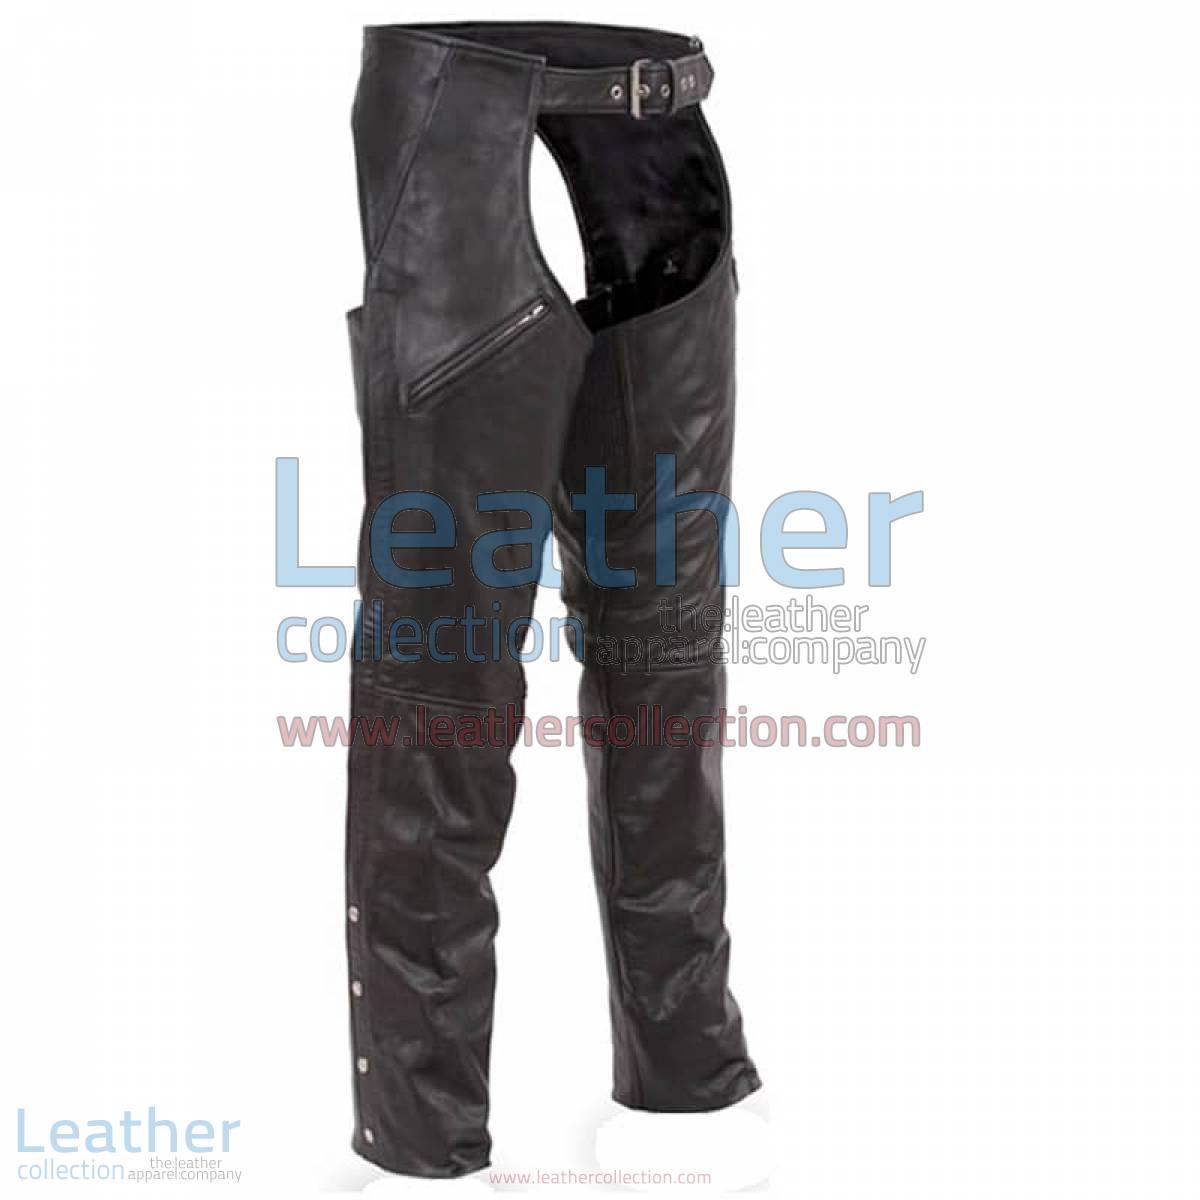 Premium Leather Biker Chaps | biker chaps,leather chaps